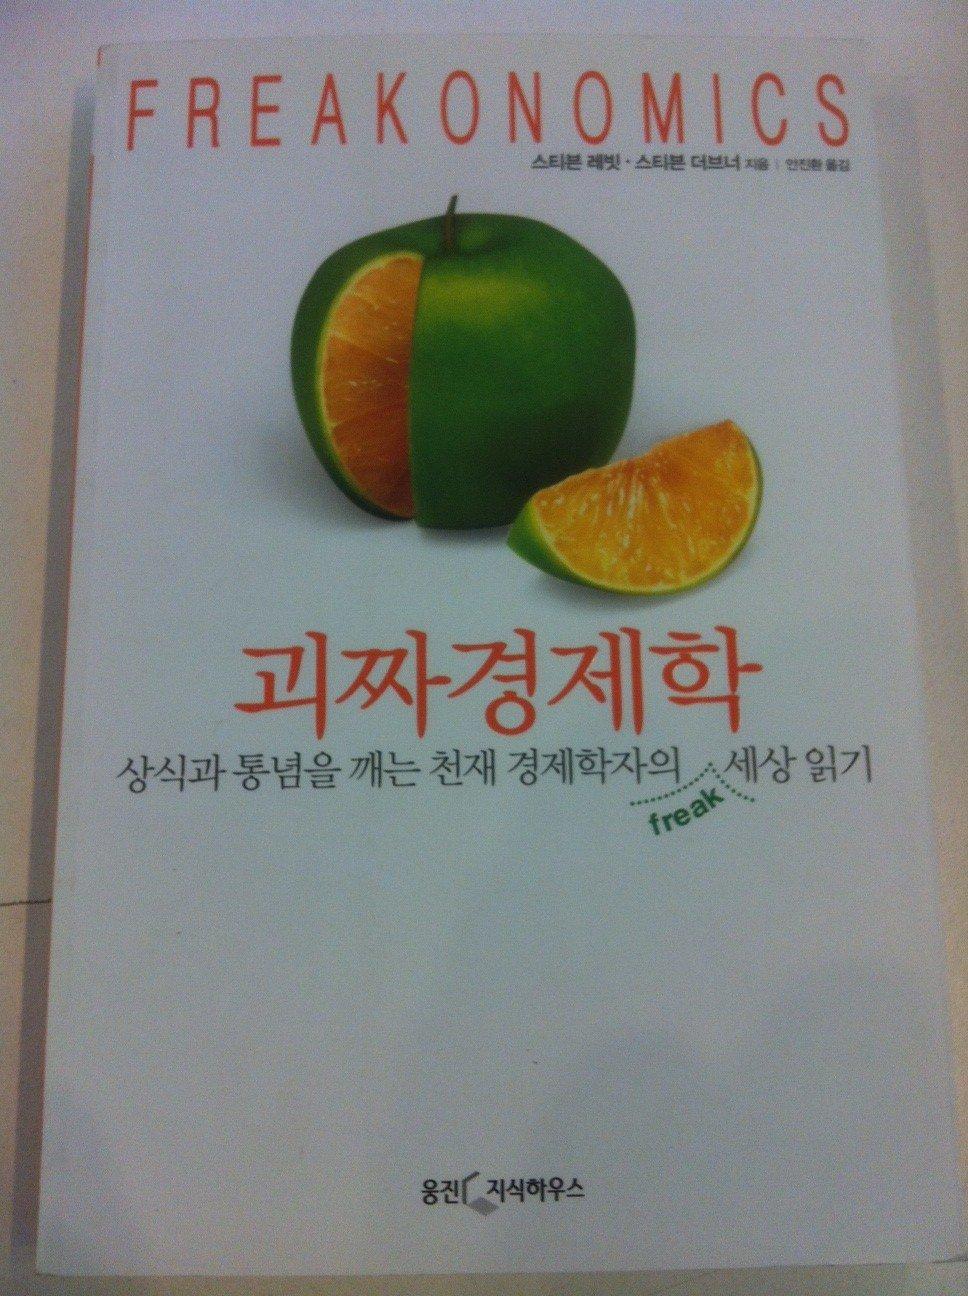 Freakonomics - In Korean pdf